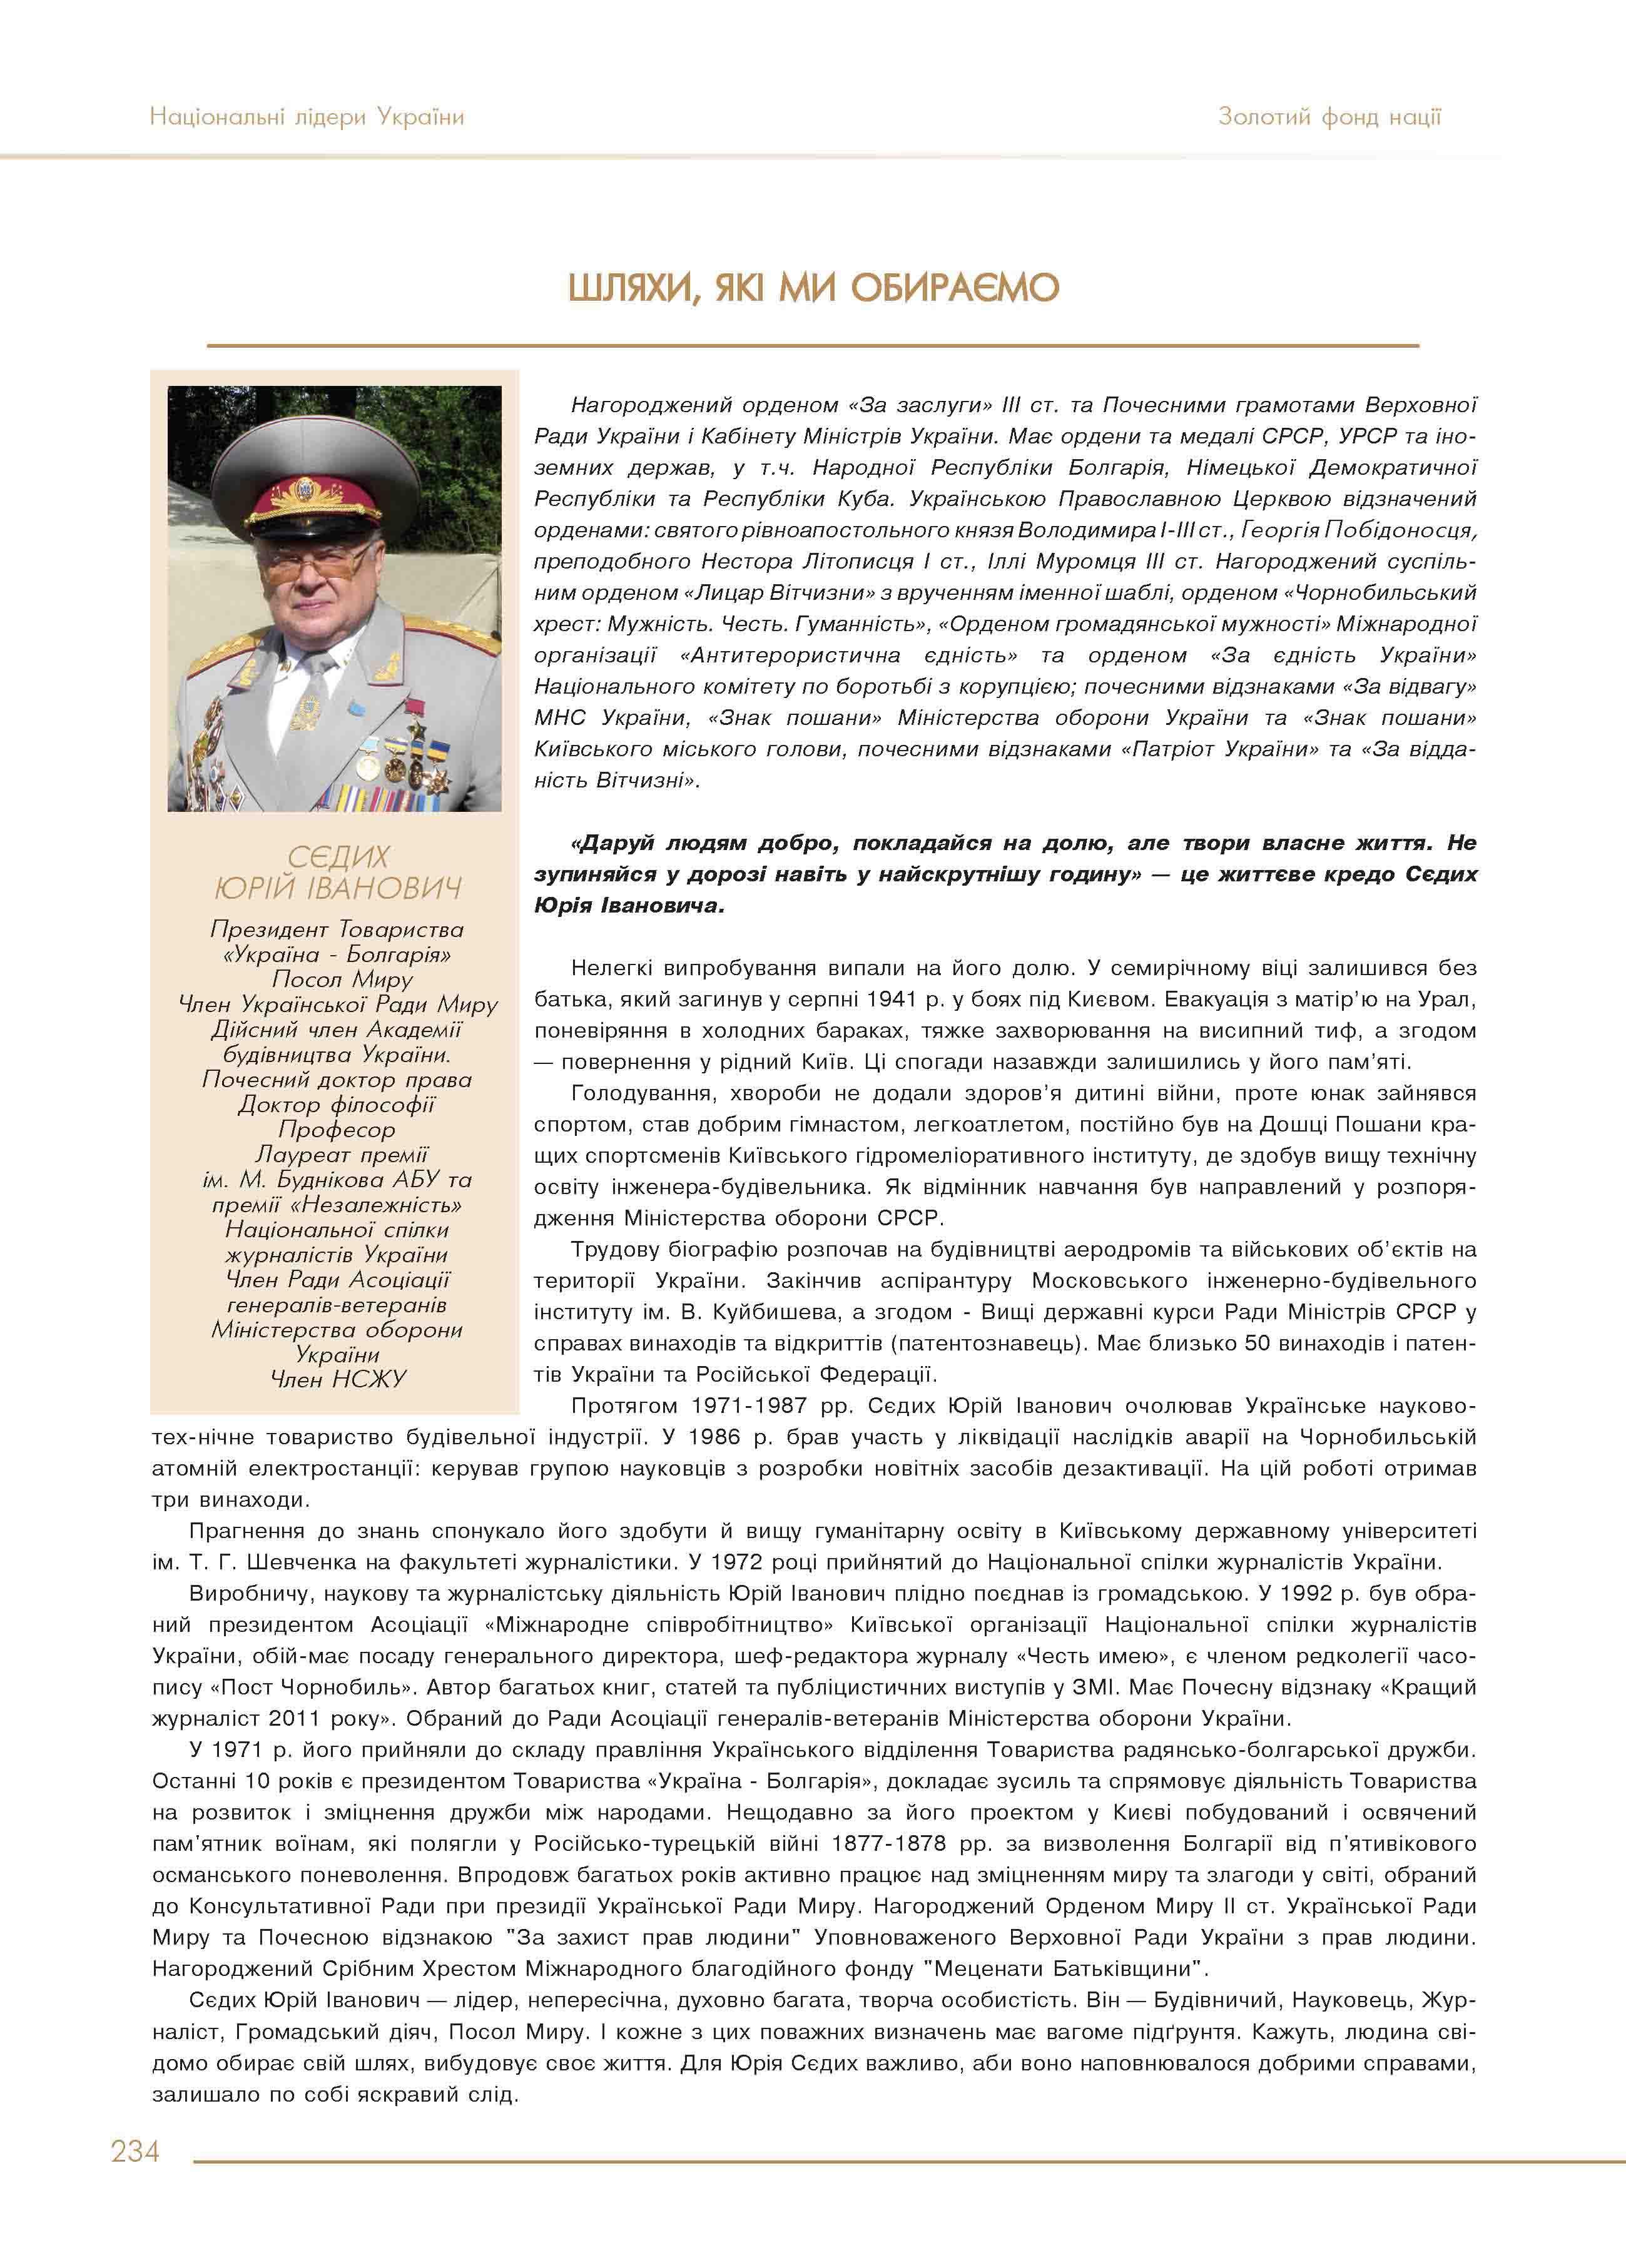 Сєдих Юрій Іванович. Президент Товариства